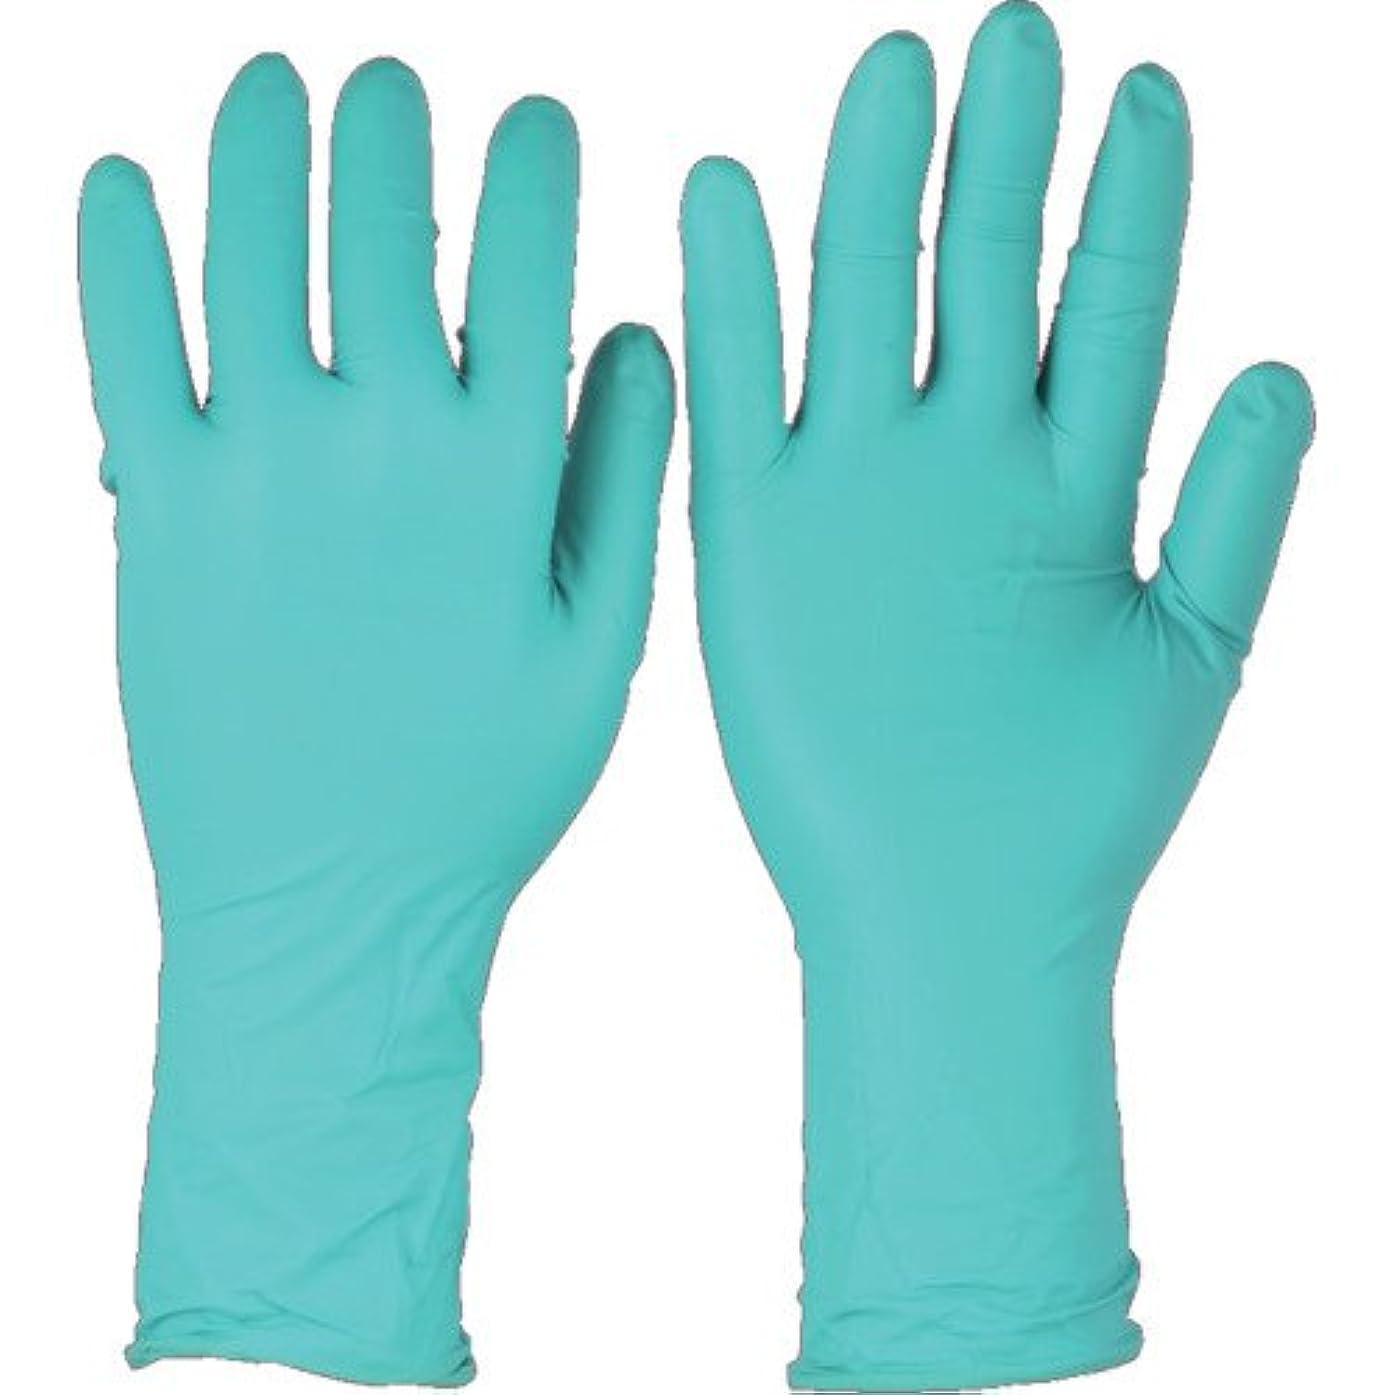 寝るテナント道を作るトラスコ中山 アンセル ネオプレンゴム使い捨て手袋 マイクロフレックス 93-260 XXLサイズ (50枚入)  9326011